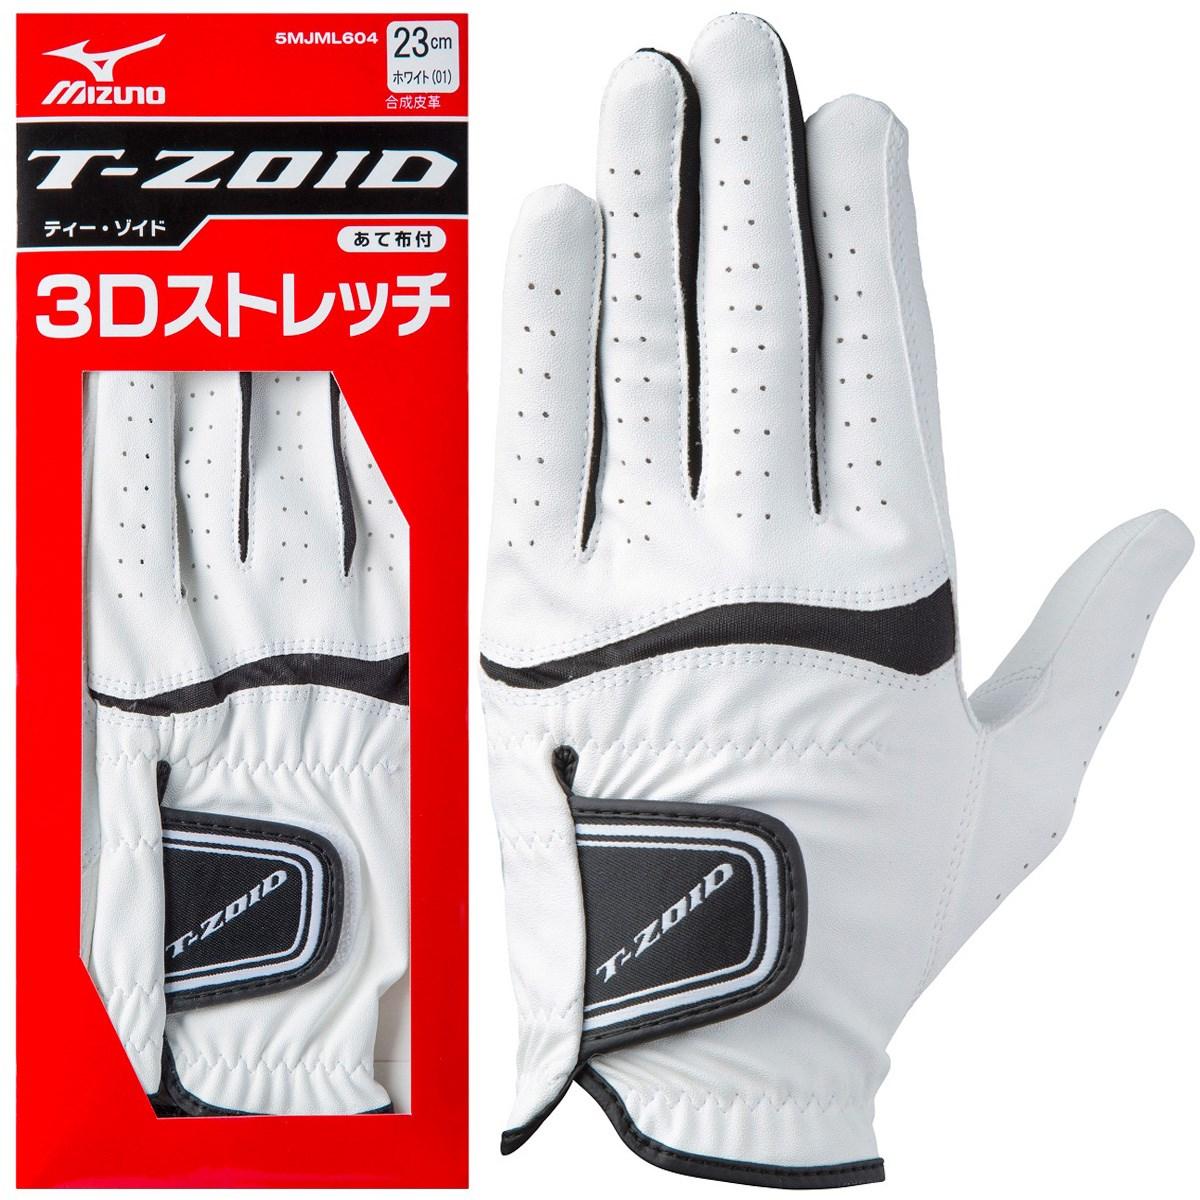 ミズノ T-ZOID グローブ 23cm 左手着用(右利き用) ホワイト